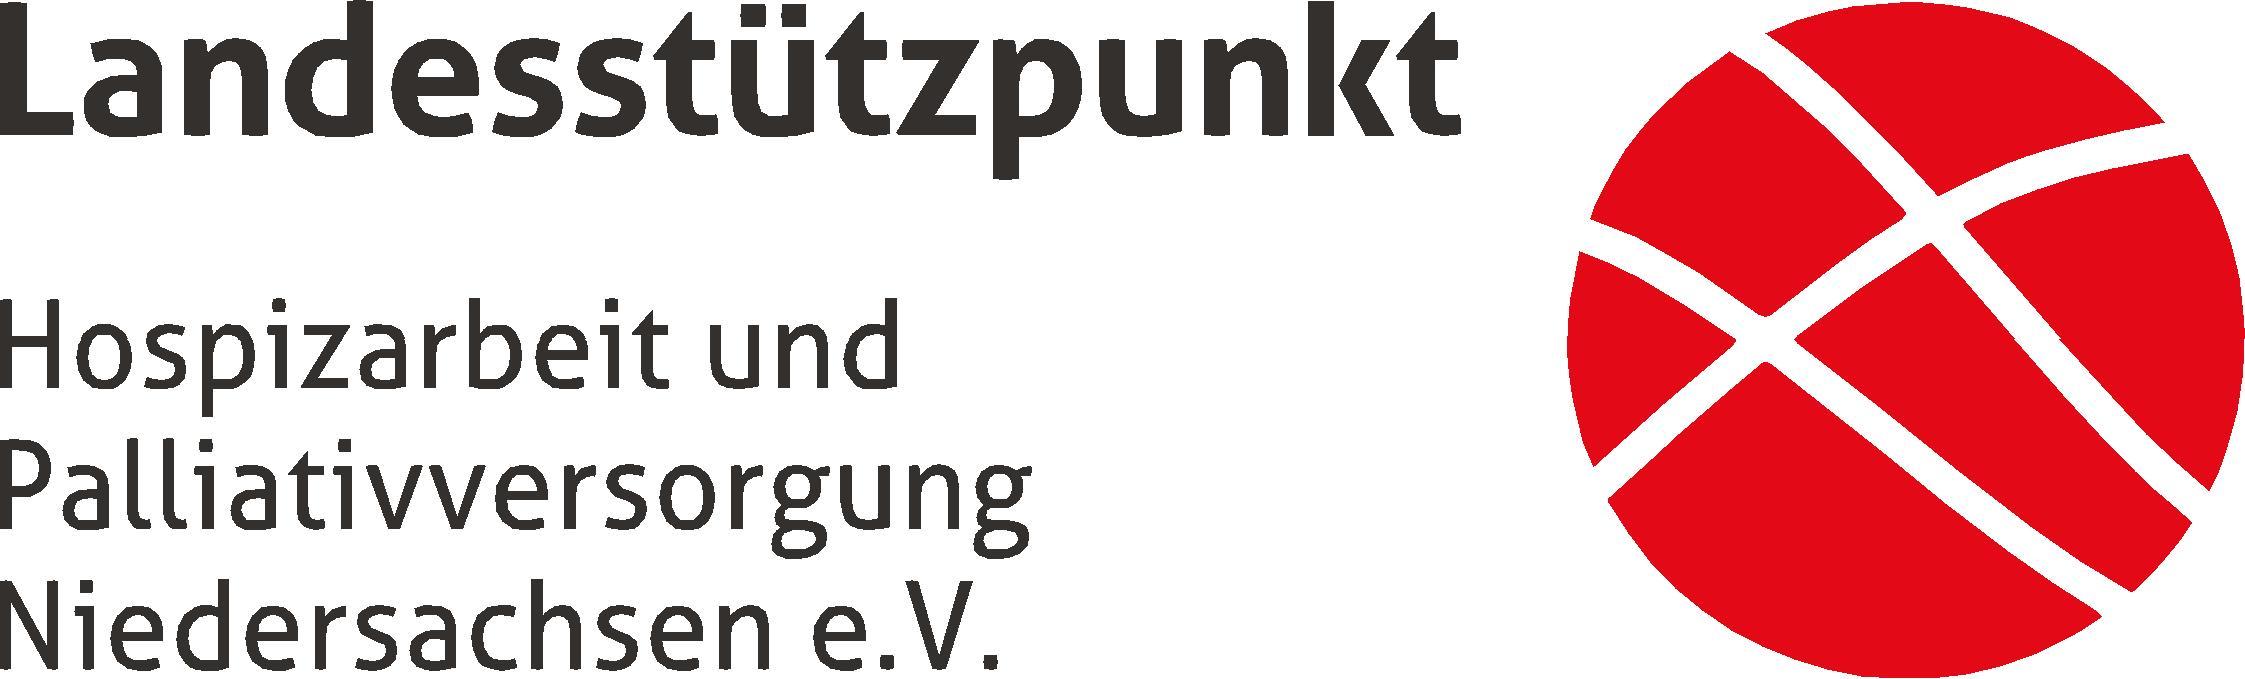 Logo Neuerungen in der ambulanten Palliativversorgung